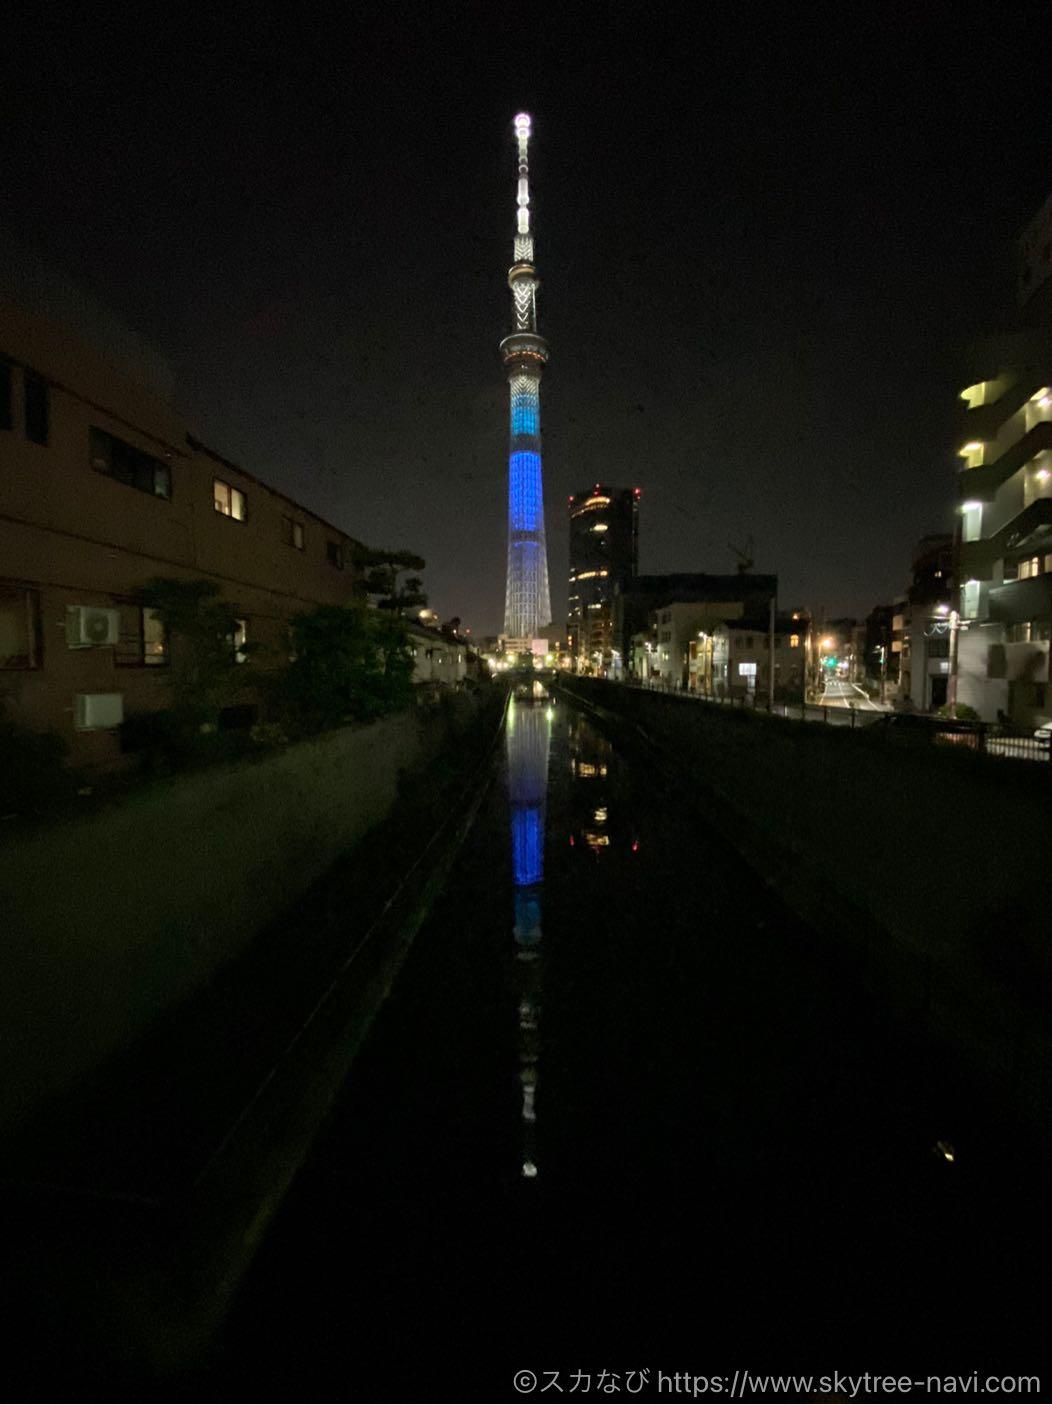 スカイツリー 聖火リレー特別ライティング 島根県